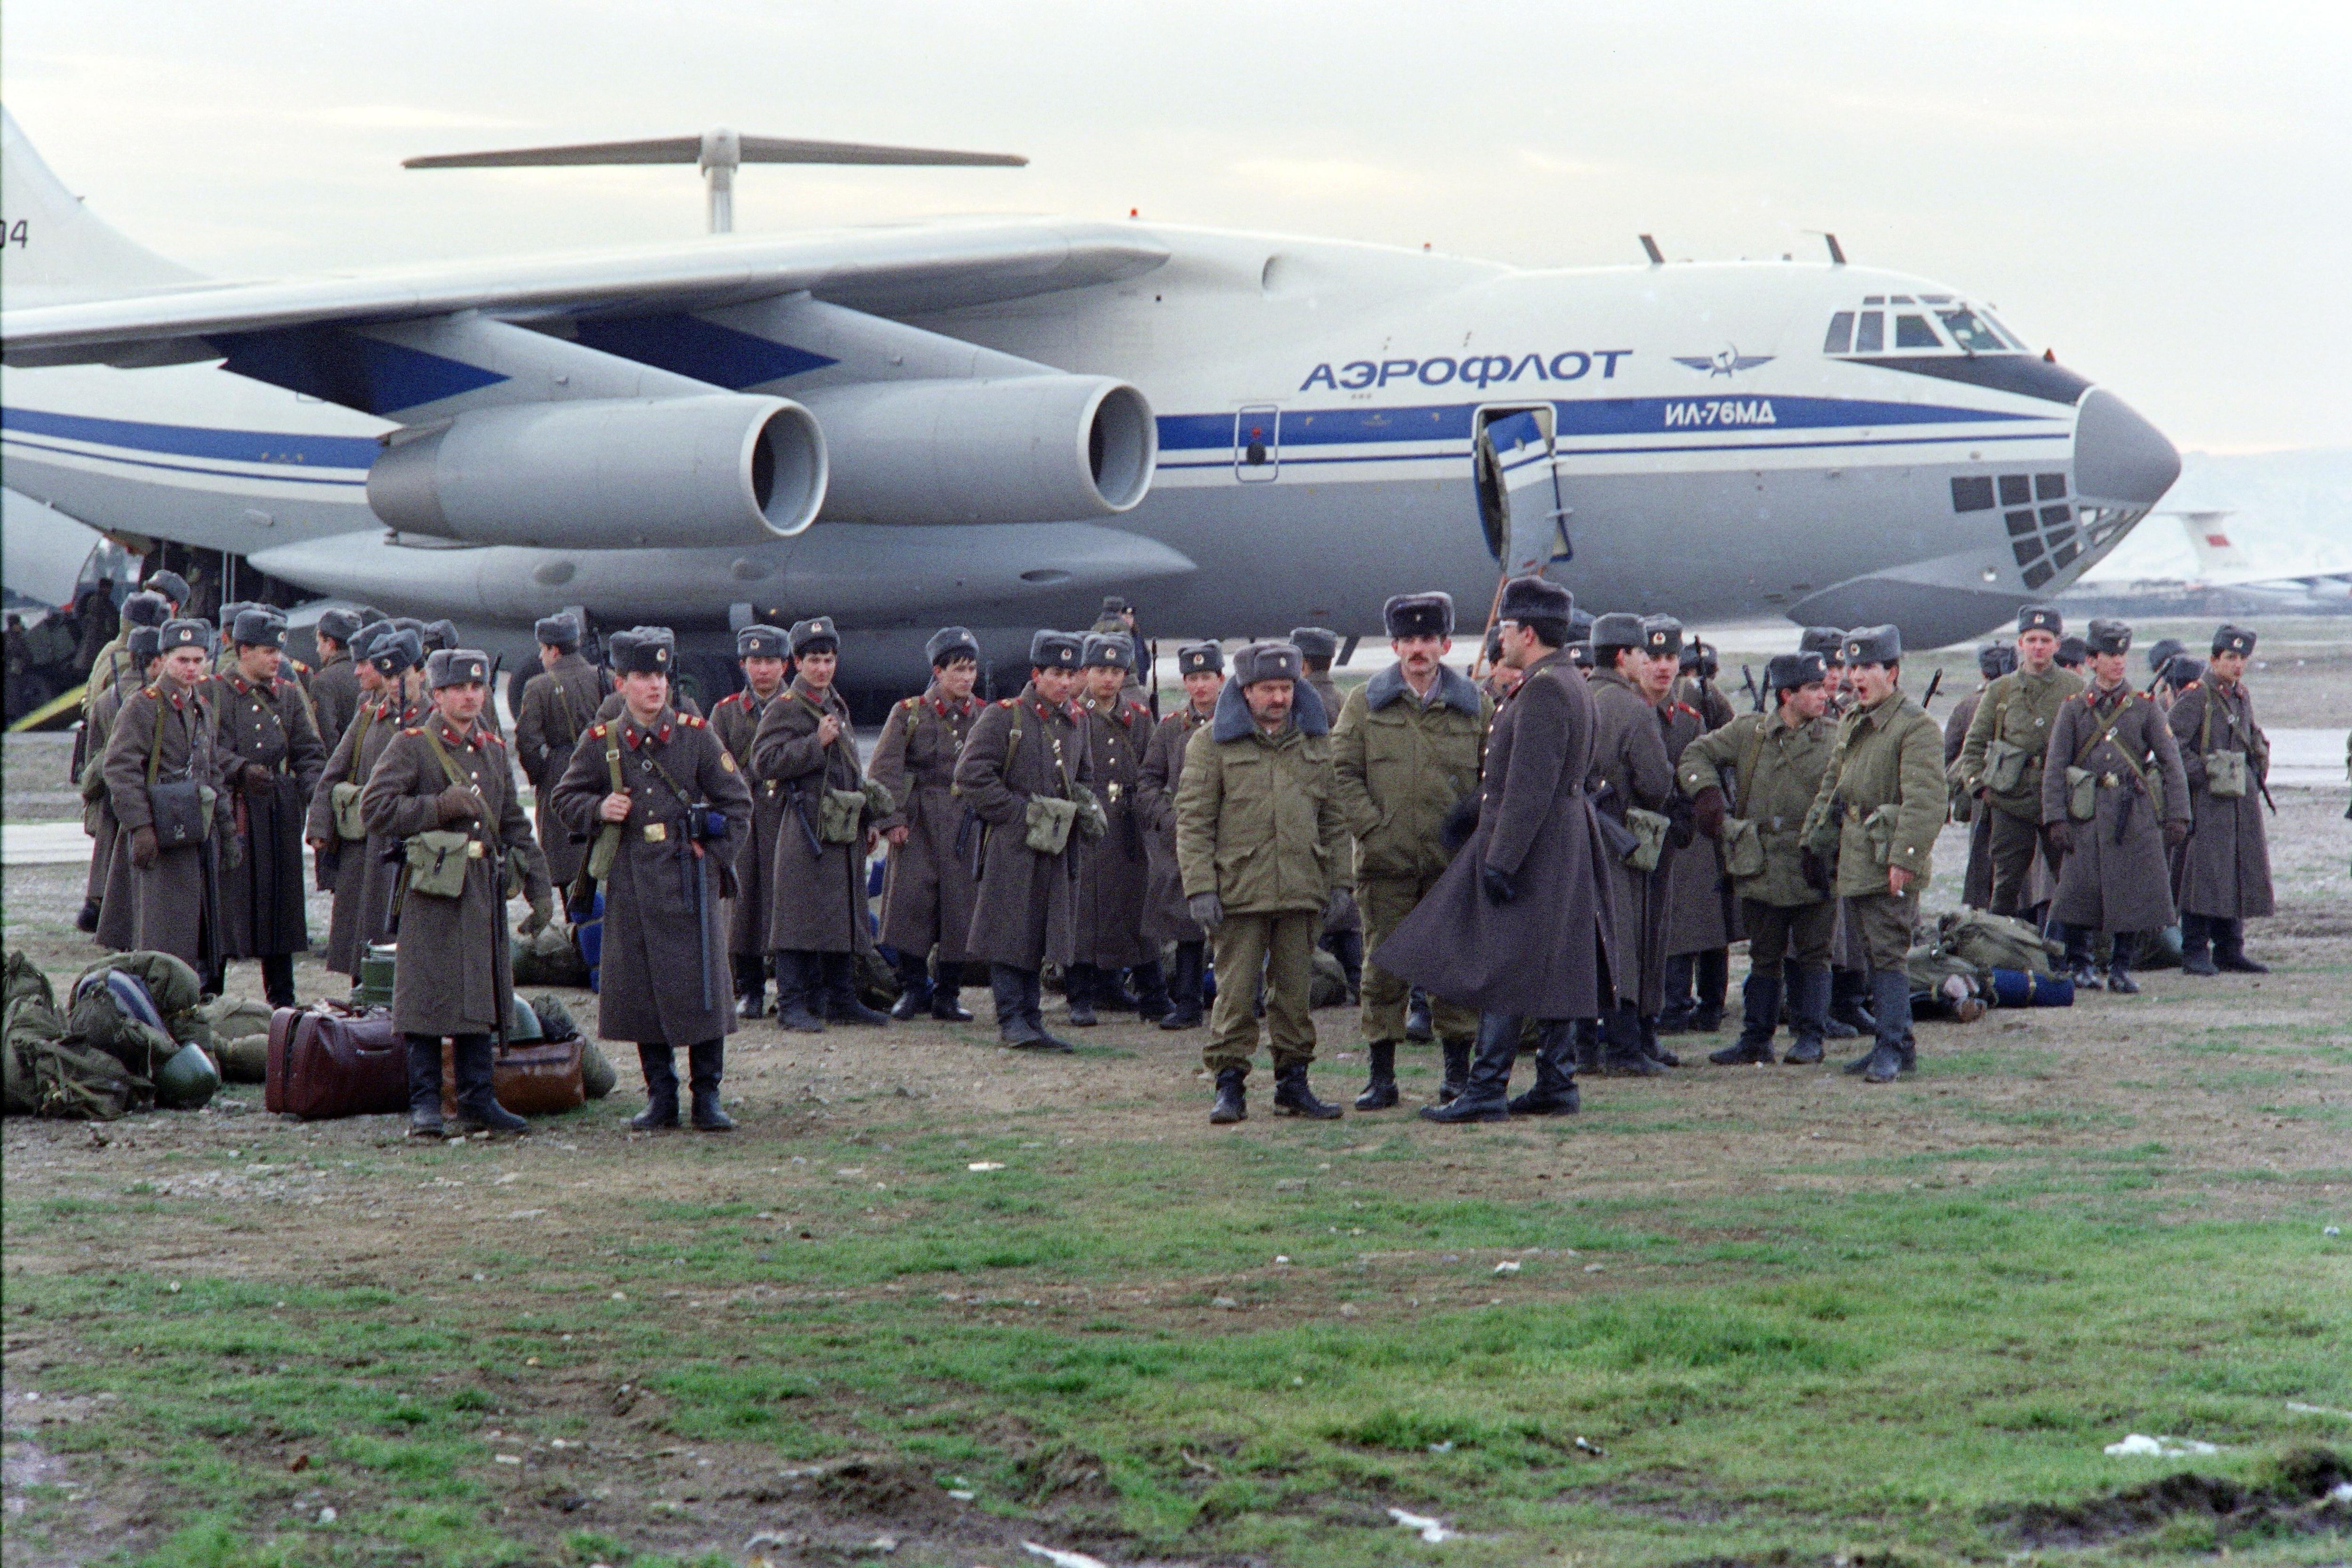 Tropas soviéticas en el aeropuerto de Kirovabad, hoy Ganja, en Azerbaiyán (AFP)